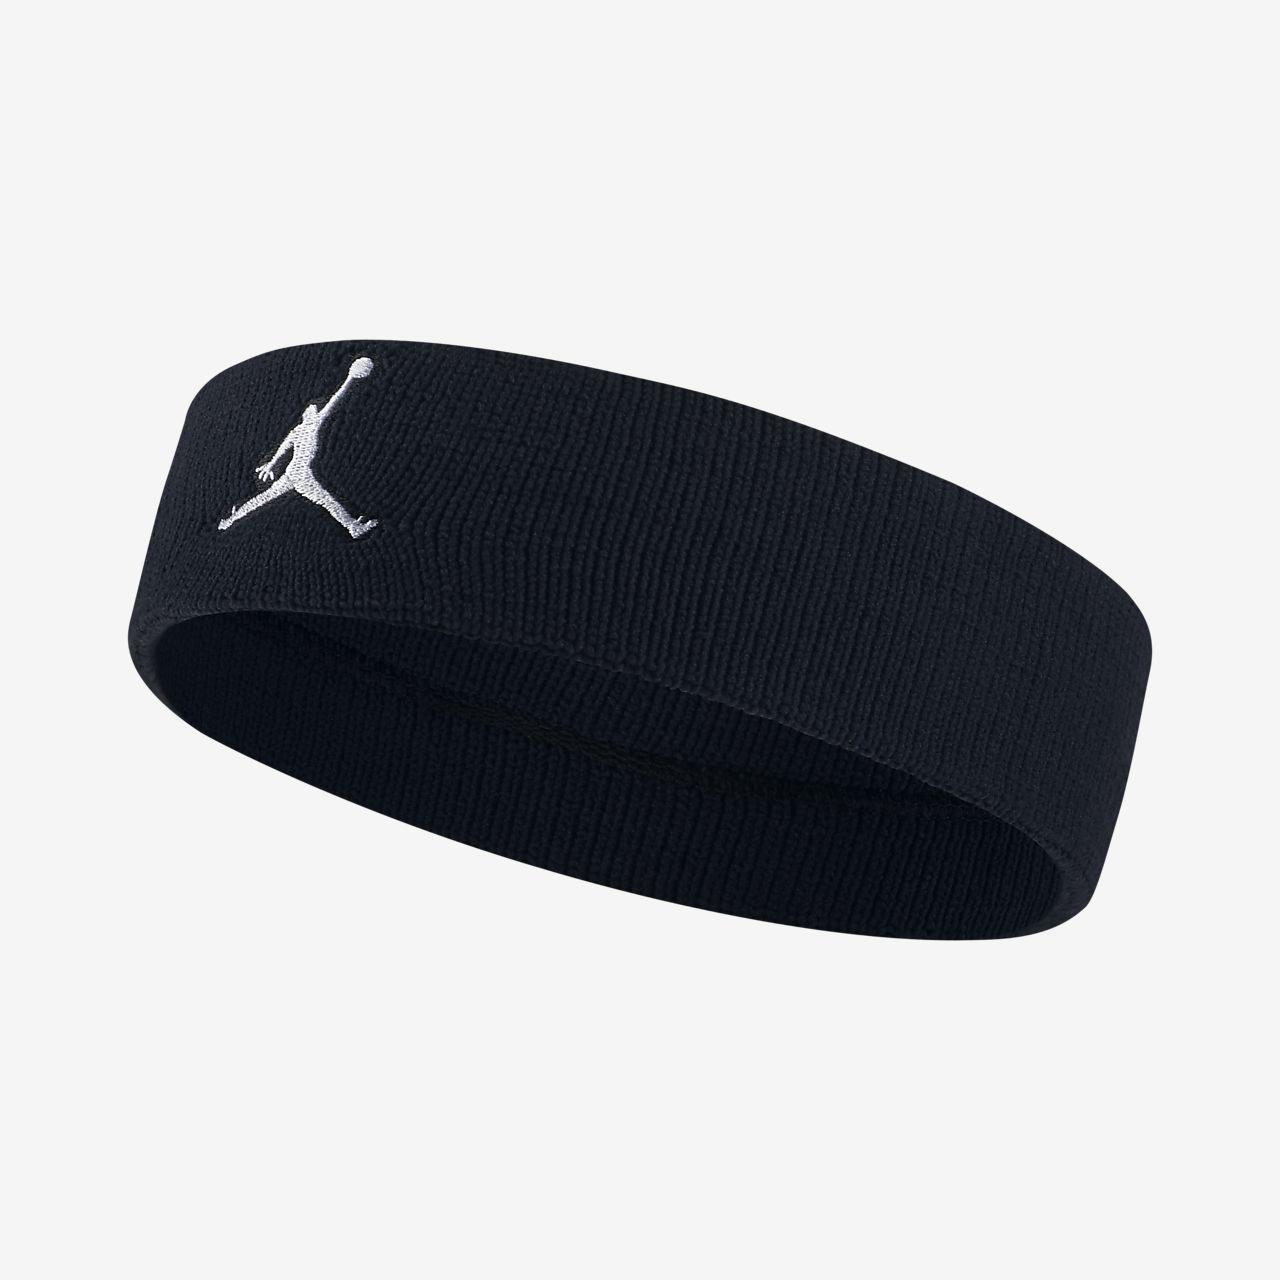 e2fbd8ba56b6b Jordan Jumpman Headband